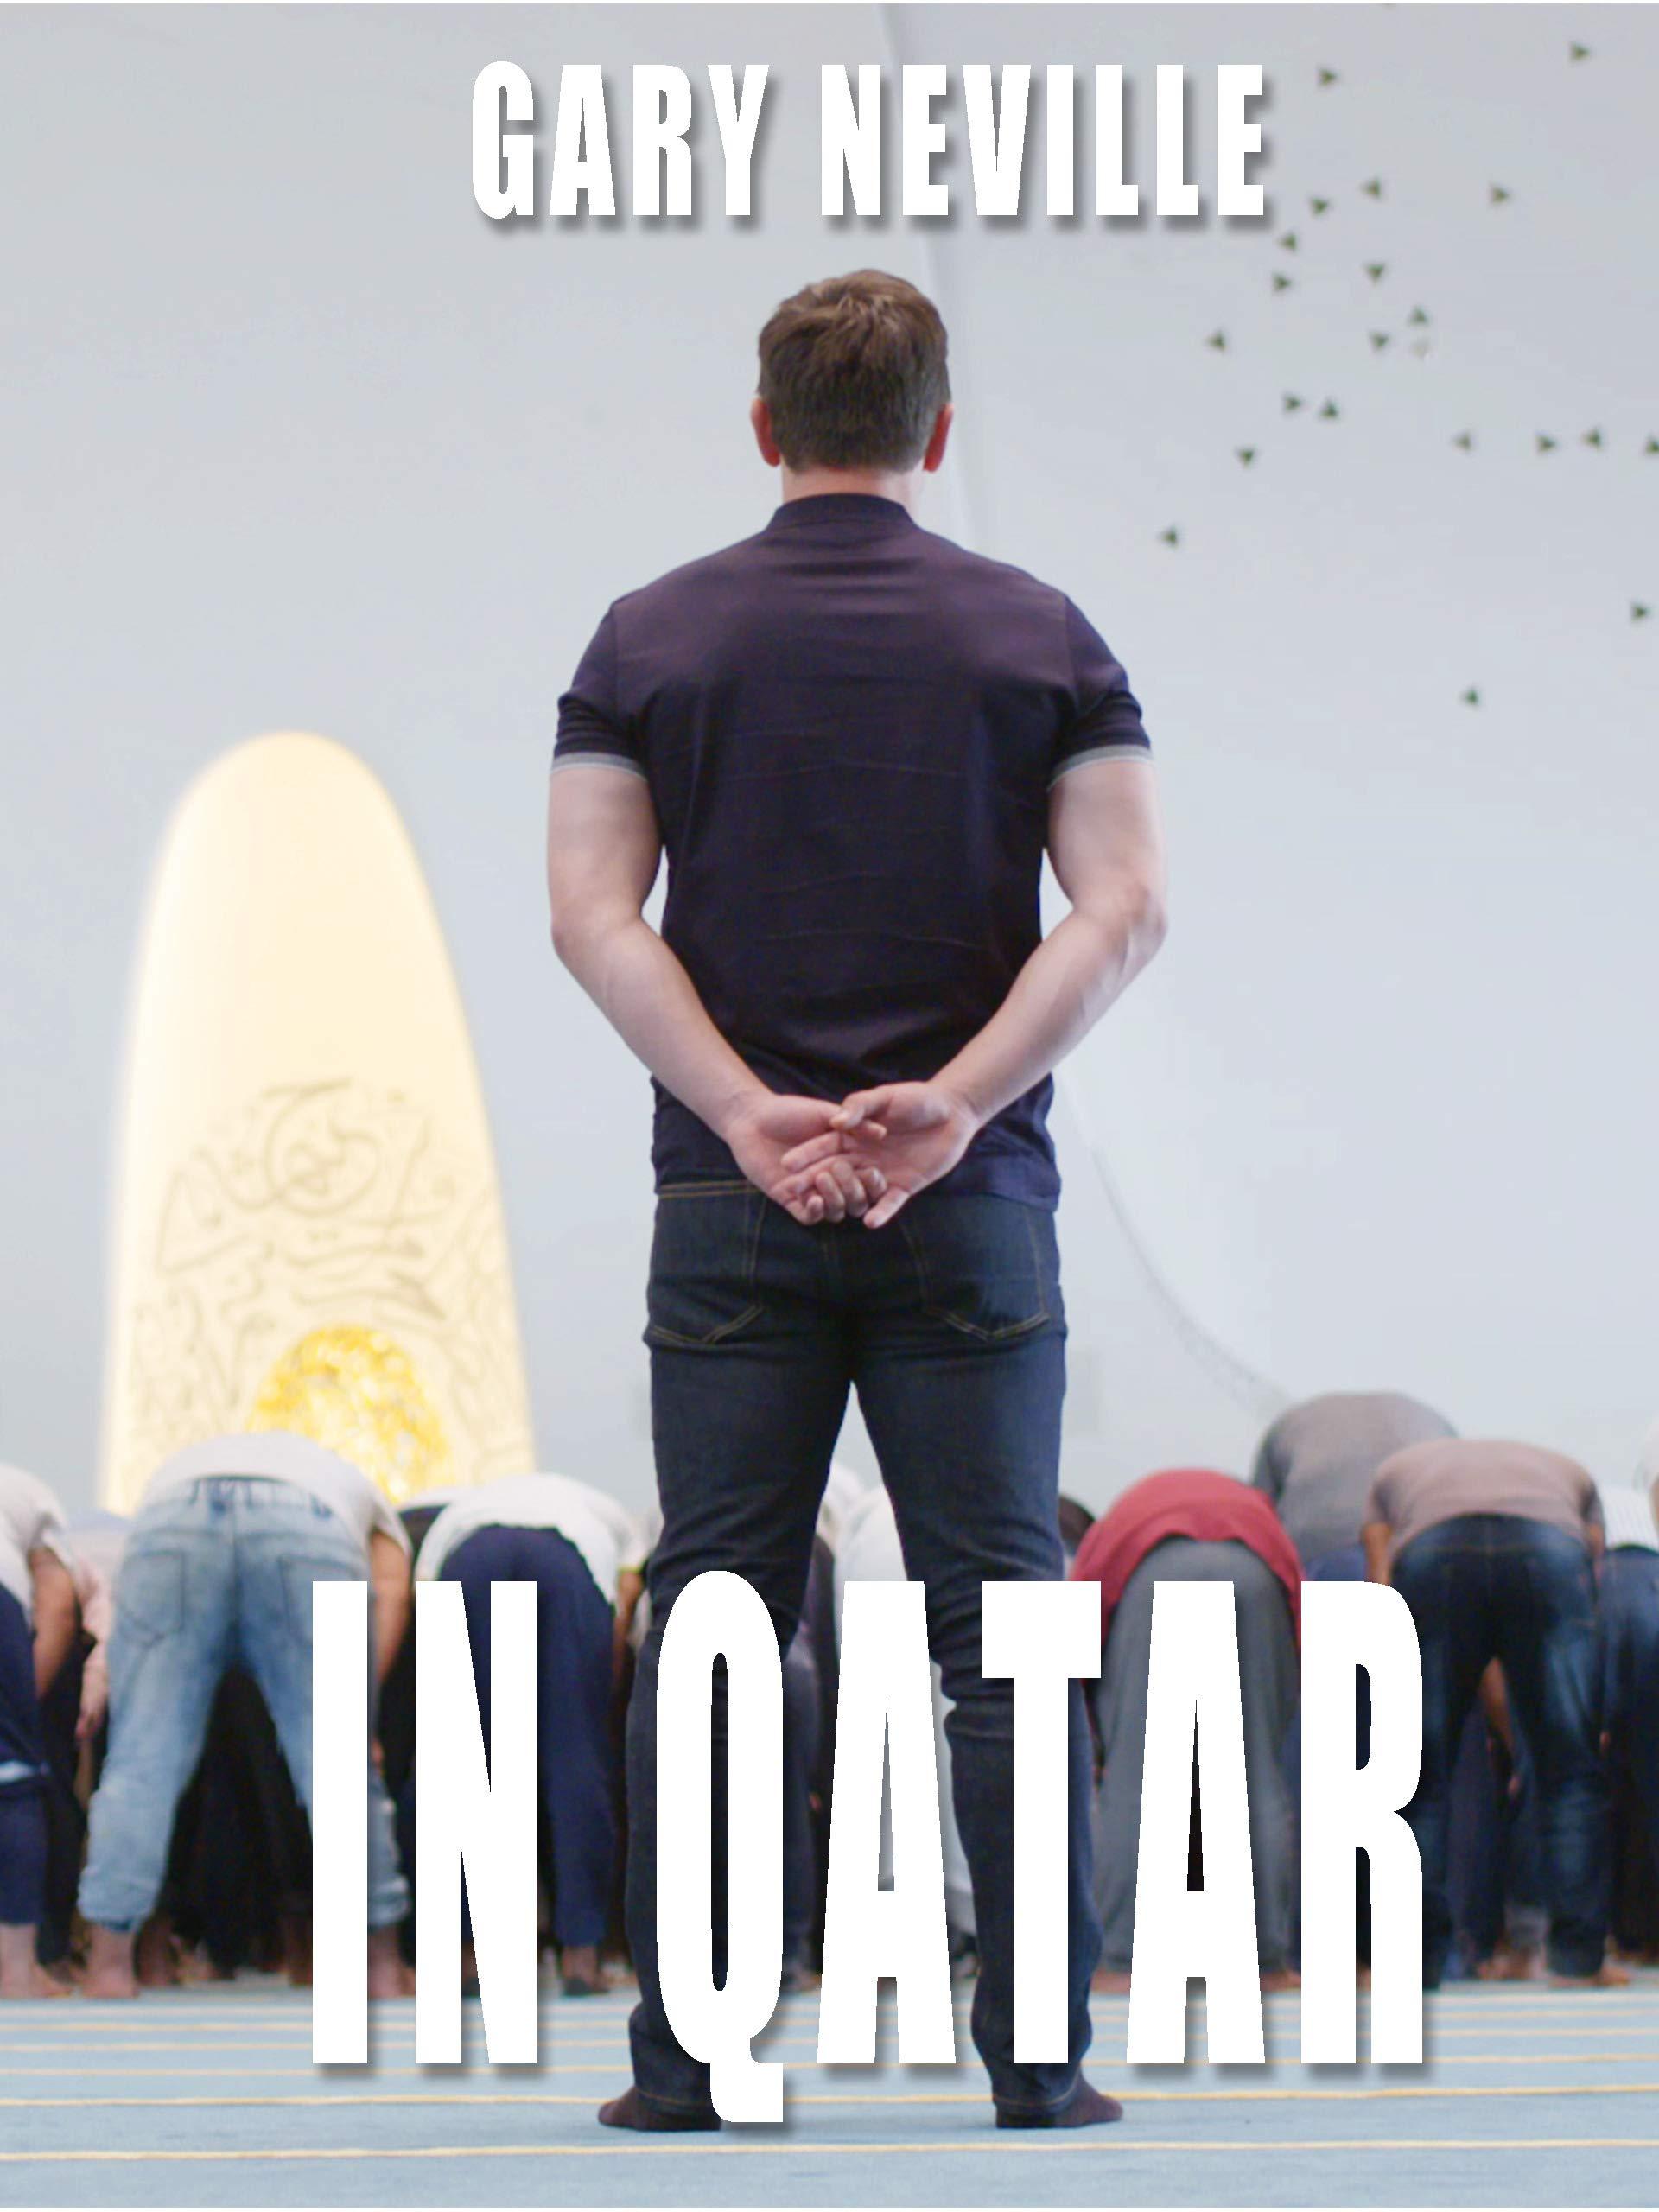 Gary Neville in Qatar